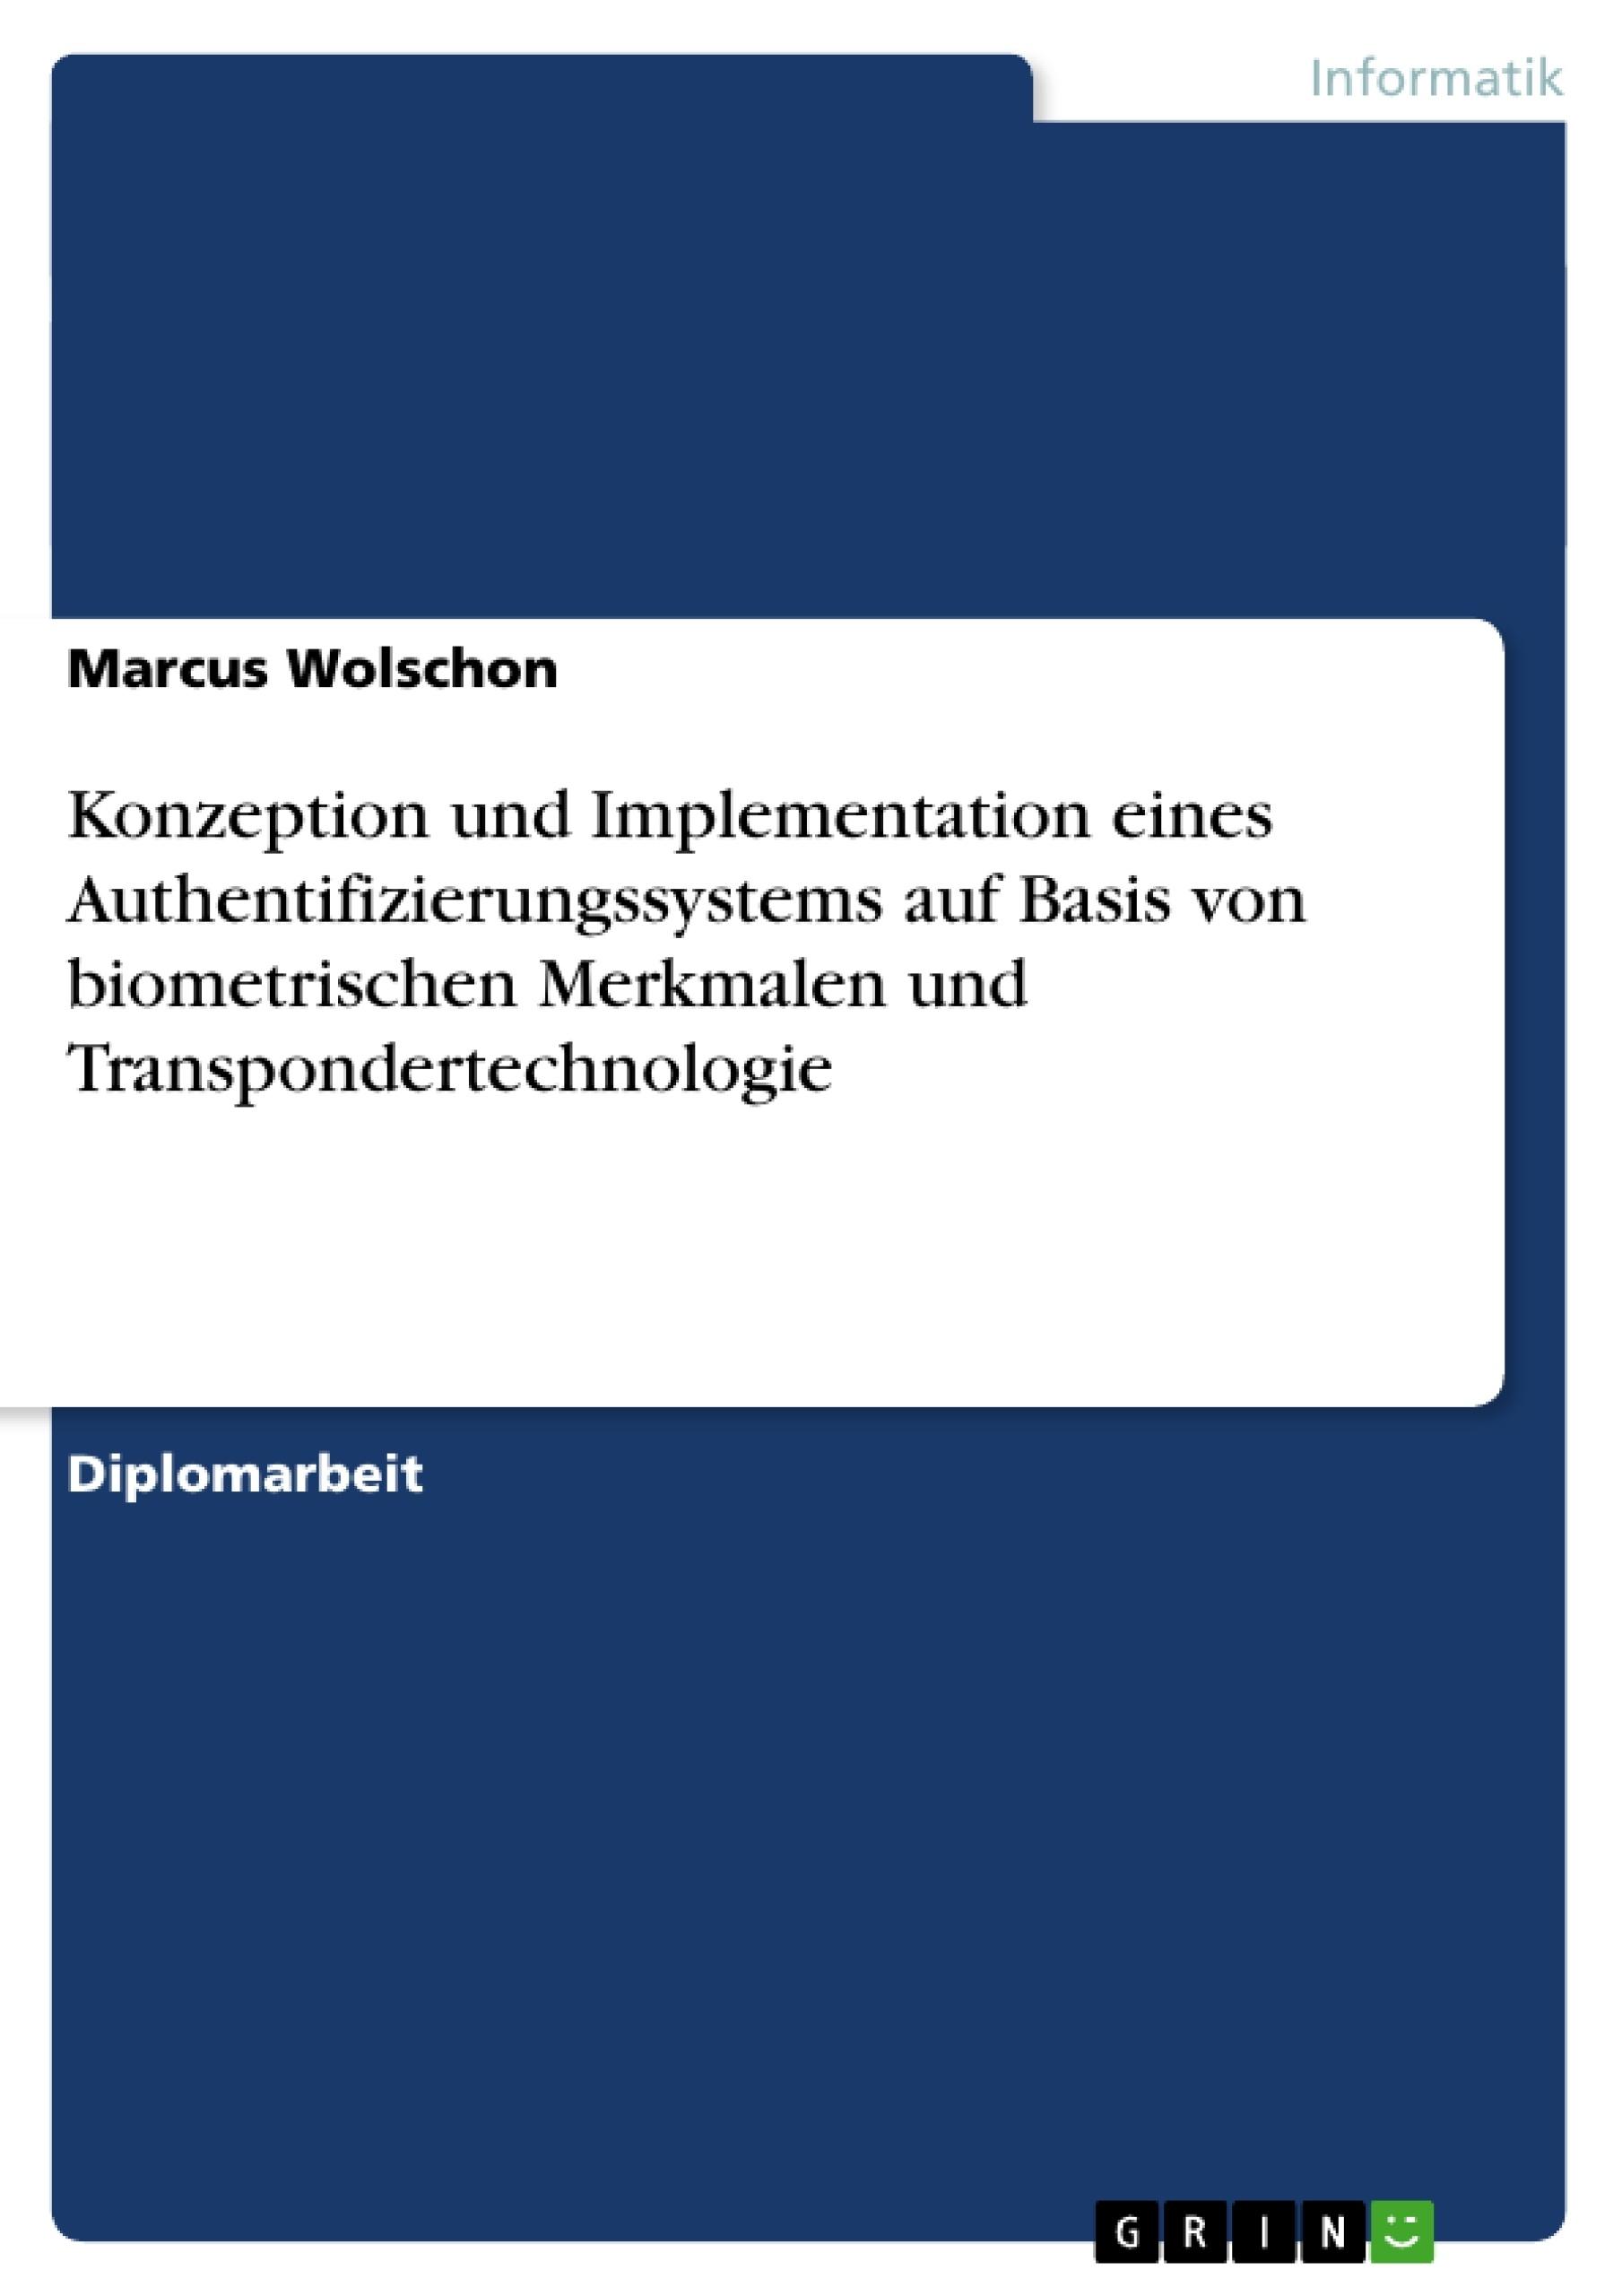 Titel: Konzeption und Implementation eines Authentifizierungssystems auf Basis von biometrischen Merkmalen und Transpondertechnologie